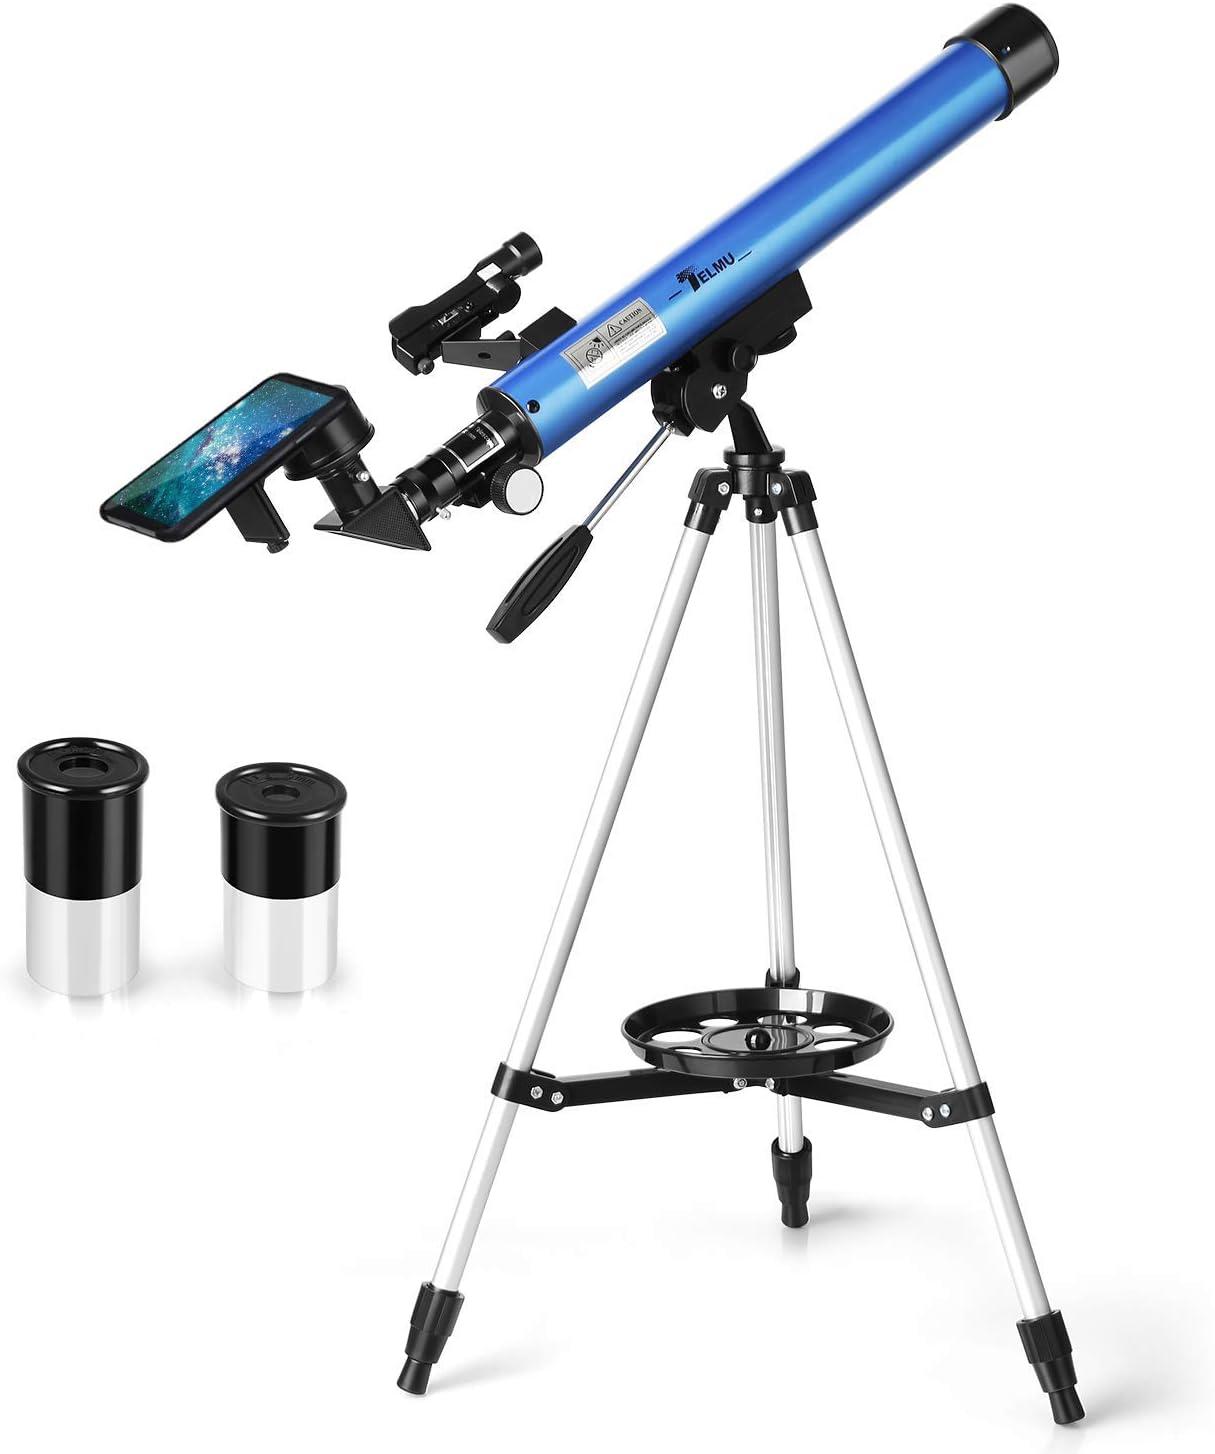 Telmu Telescopio portátil – 30X y 48X, con trípode retráctil, Visor de Puntos Rojos, Adaptador de Smartphone, rotación de 360 Grados, Apto para Principiantes Aficionados: Amazon.es: Electrónica